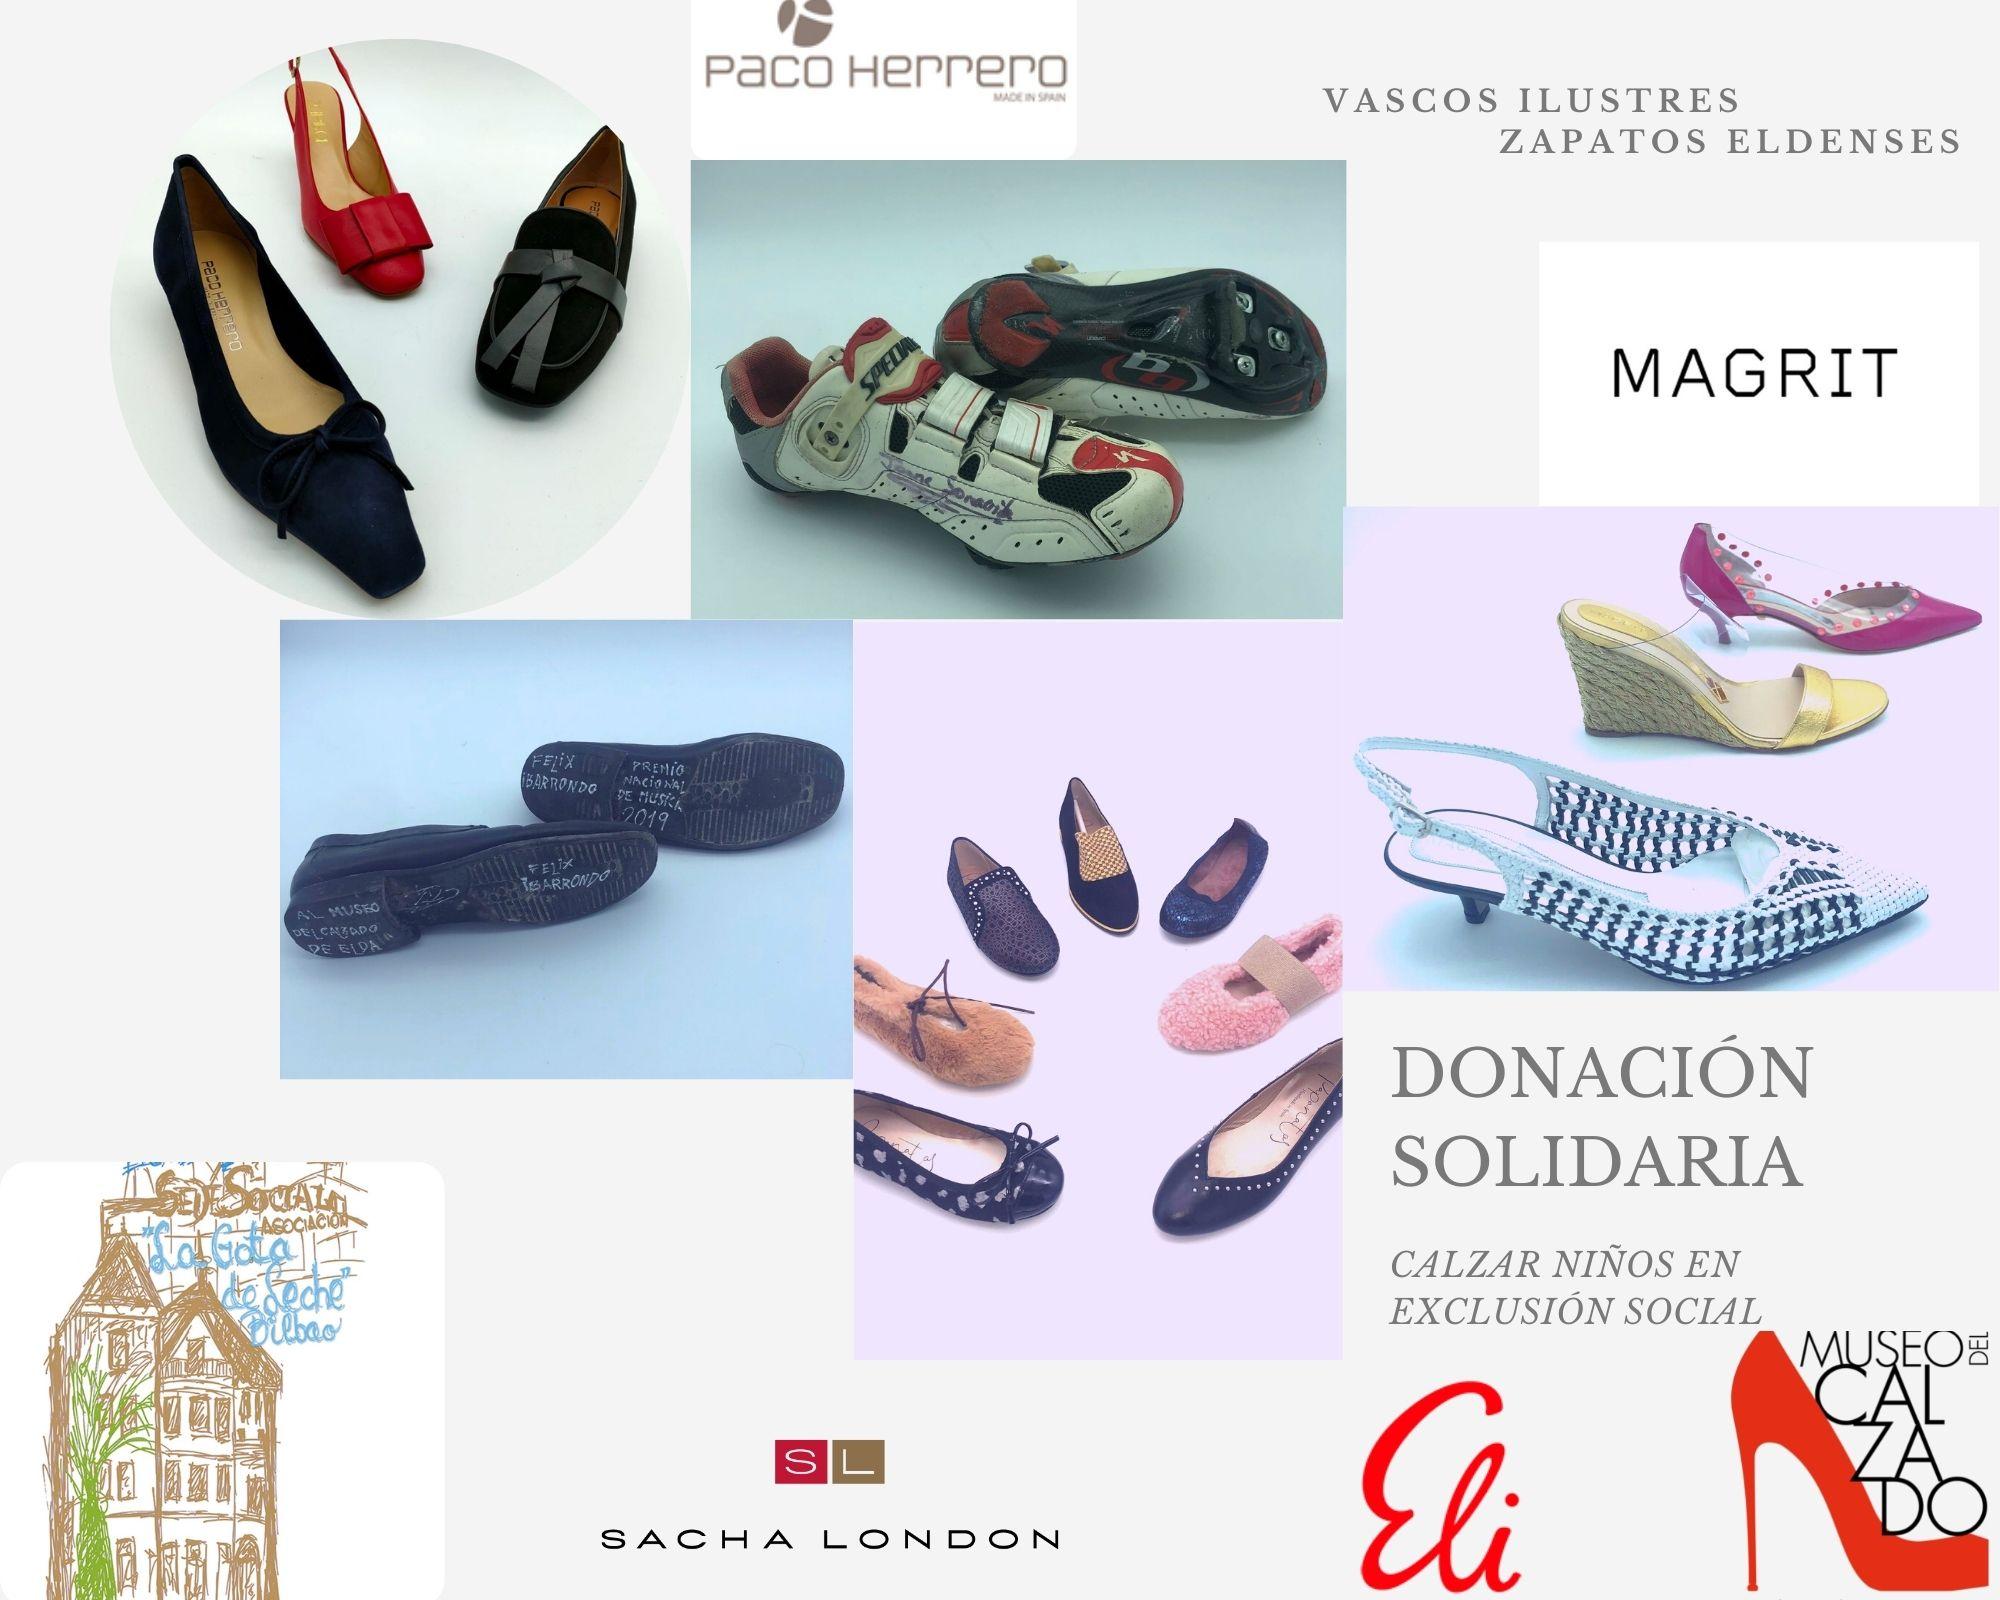 El Museo del Calzado de Elda recibe una nueva donación de zapatos de la asociación benéfica La Gota de Leche de Bilbao